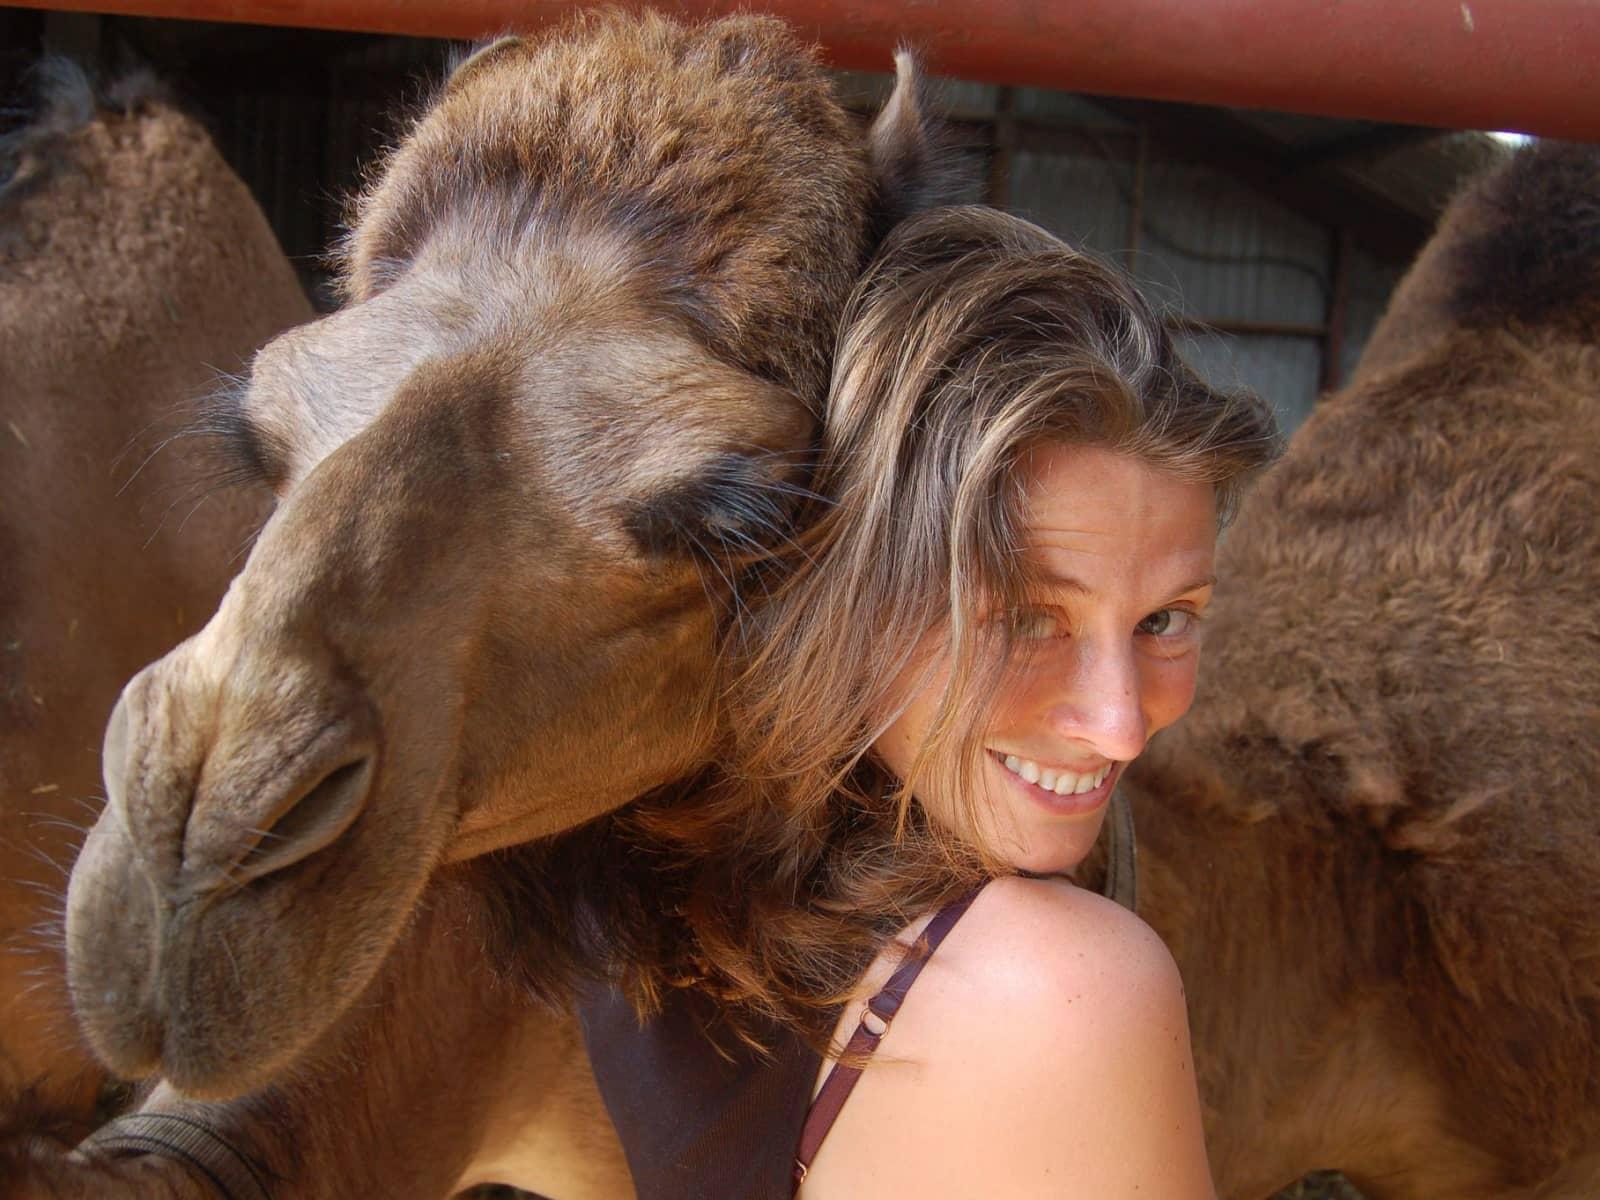 Kate from Leiden, Netherlands